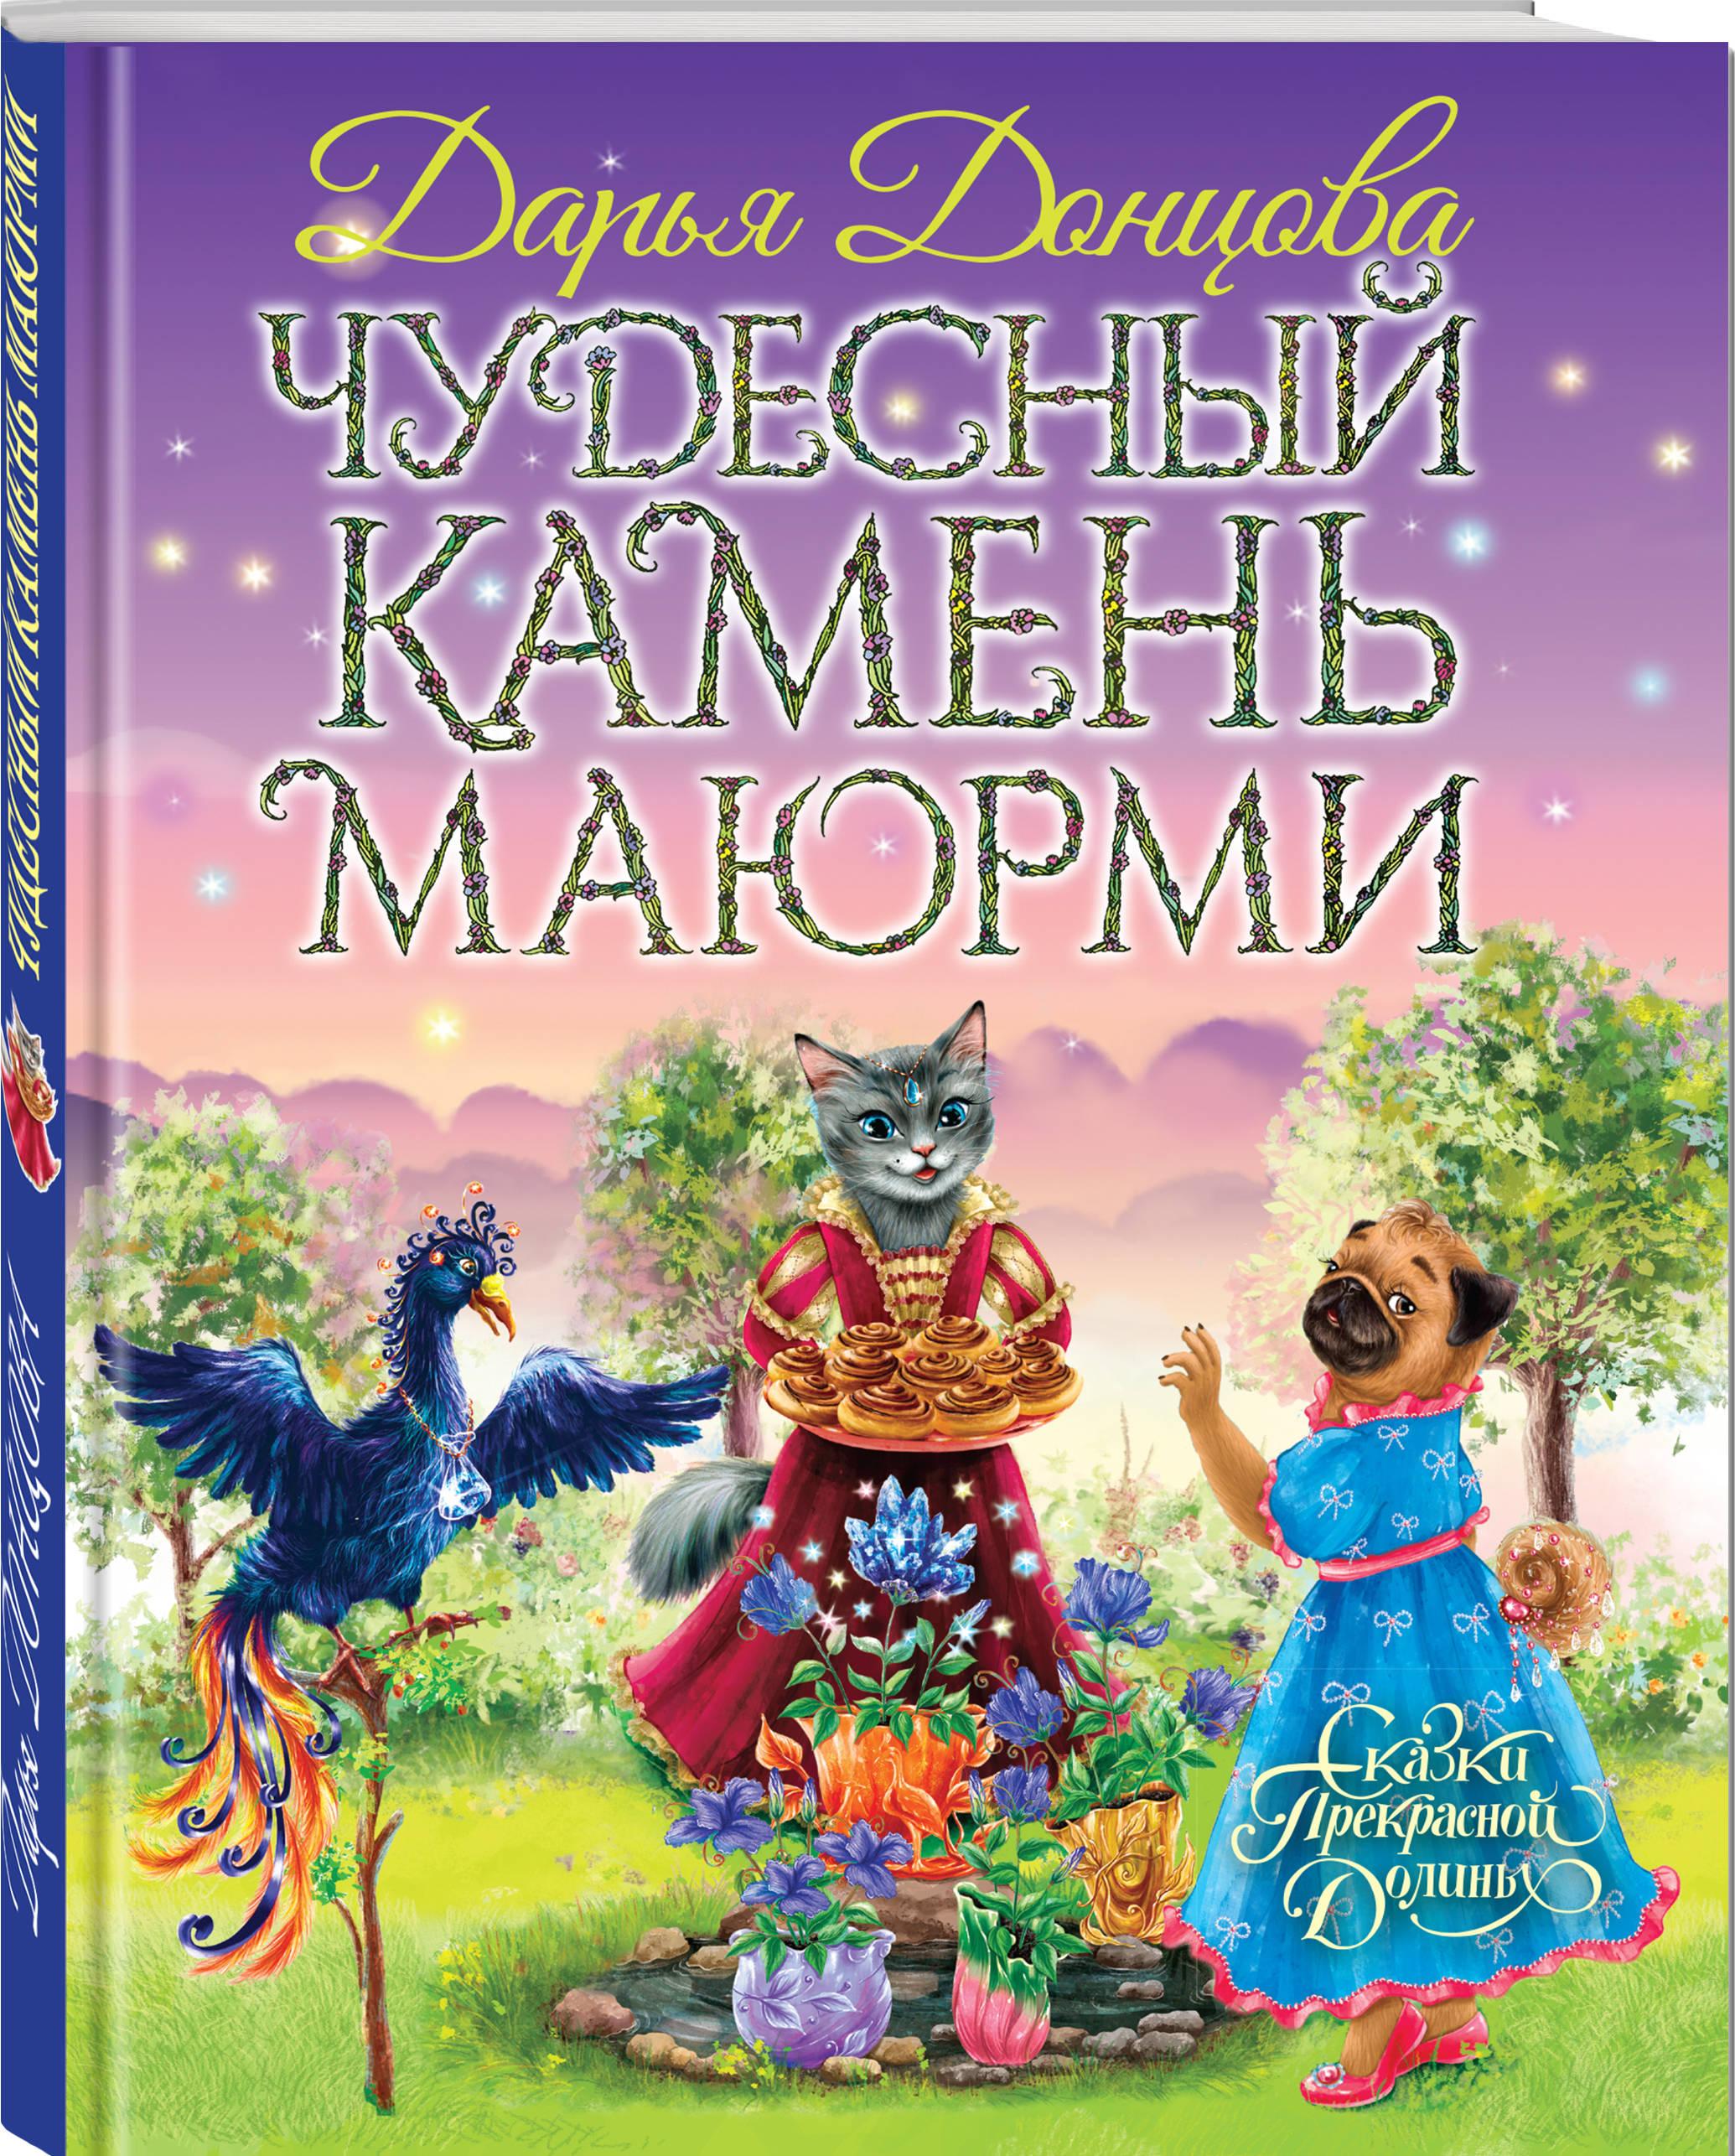 Донцова Дарья Аркадьевна Чудесный камень Маюрми